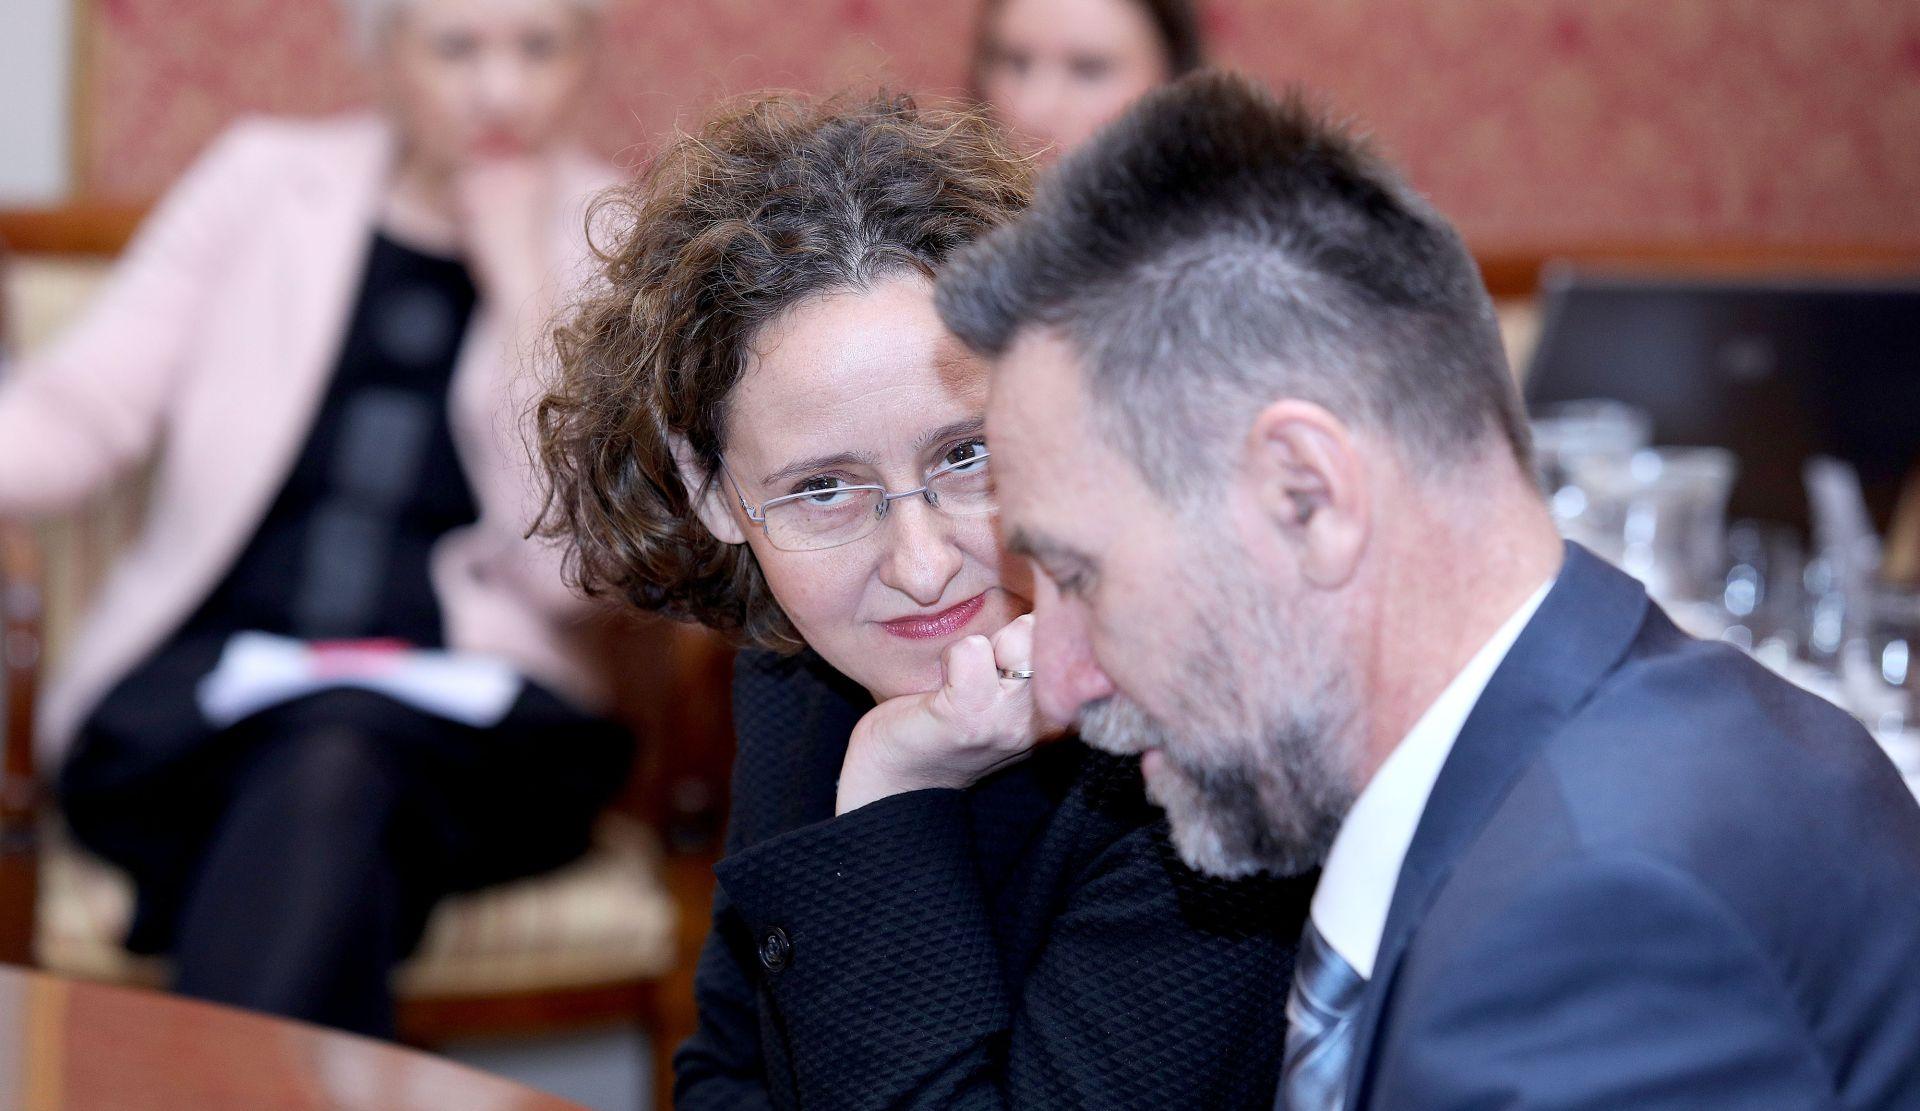 OBULJEN KORŽINEK 'Imam podršku premijera Plenkovića'